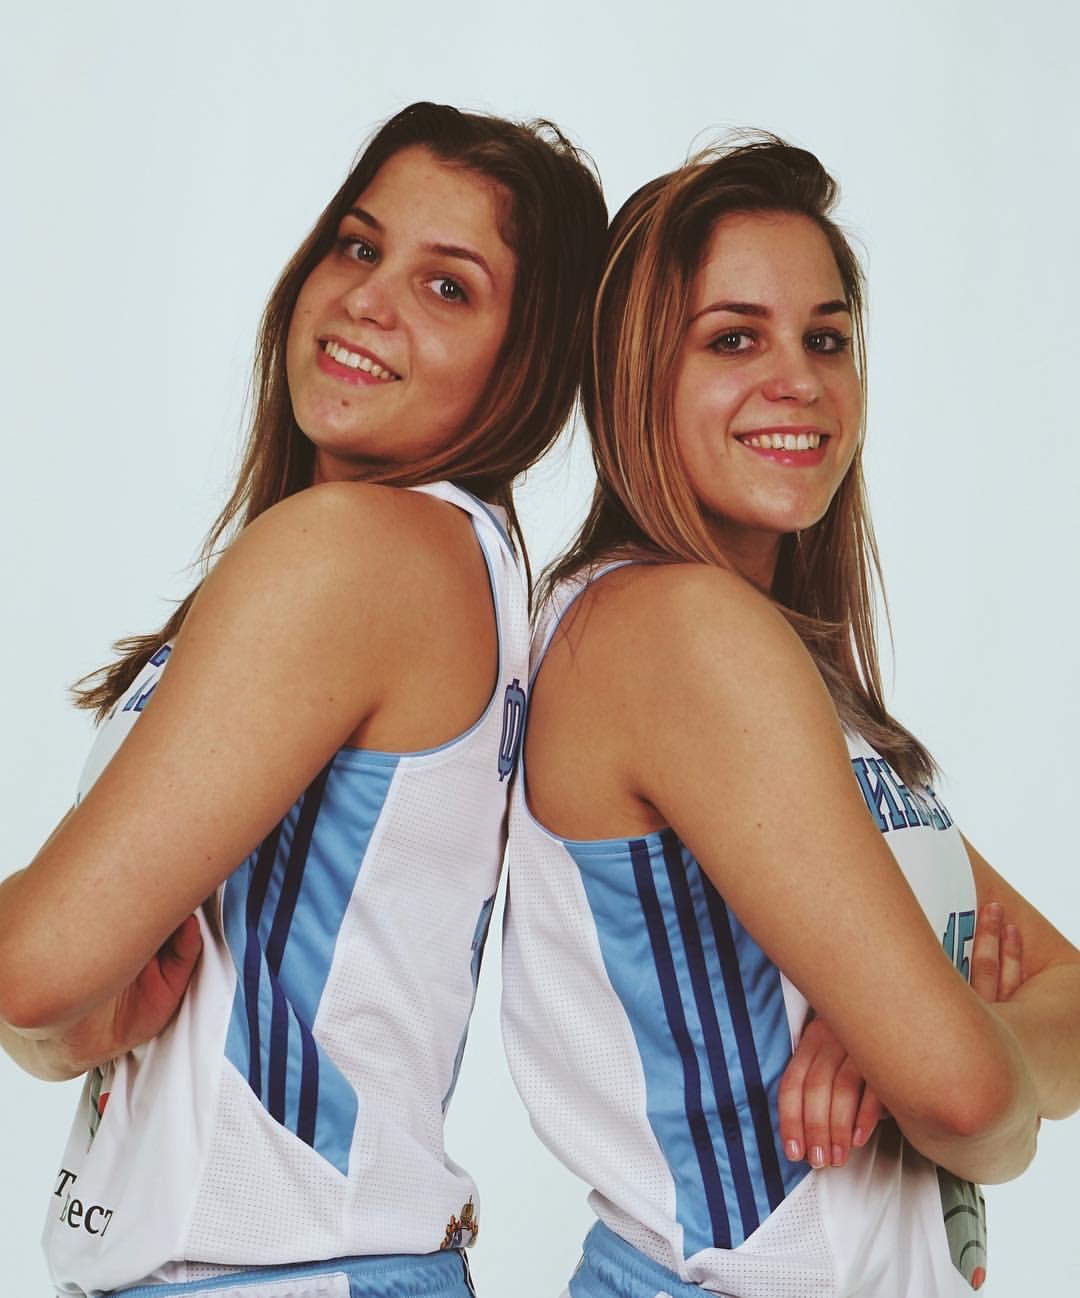 Сестры Фролкины выиграли серебро в баскетболе 3х3. Знакомимся с девушками, у которых сегодня день рождения!